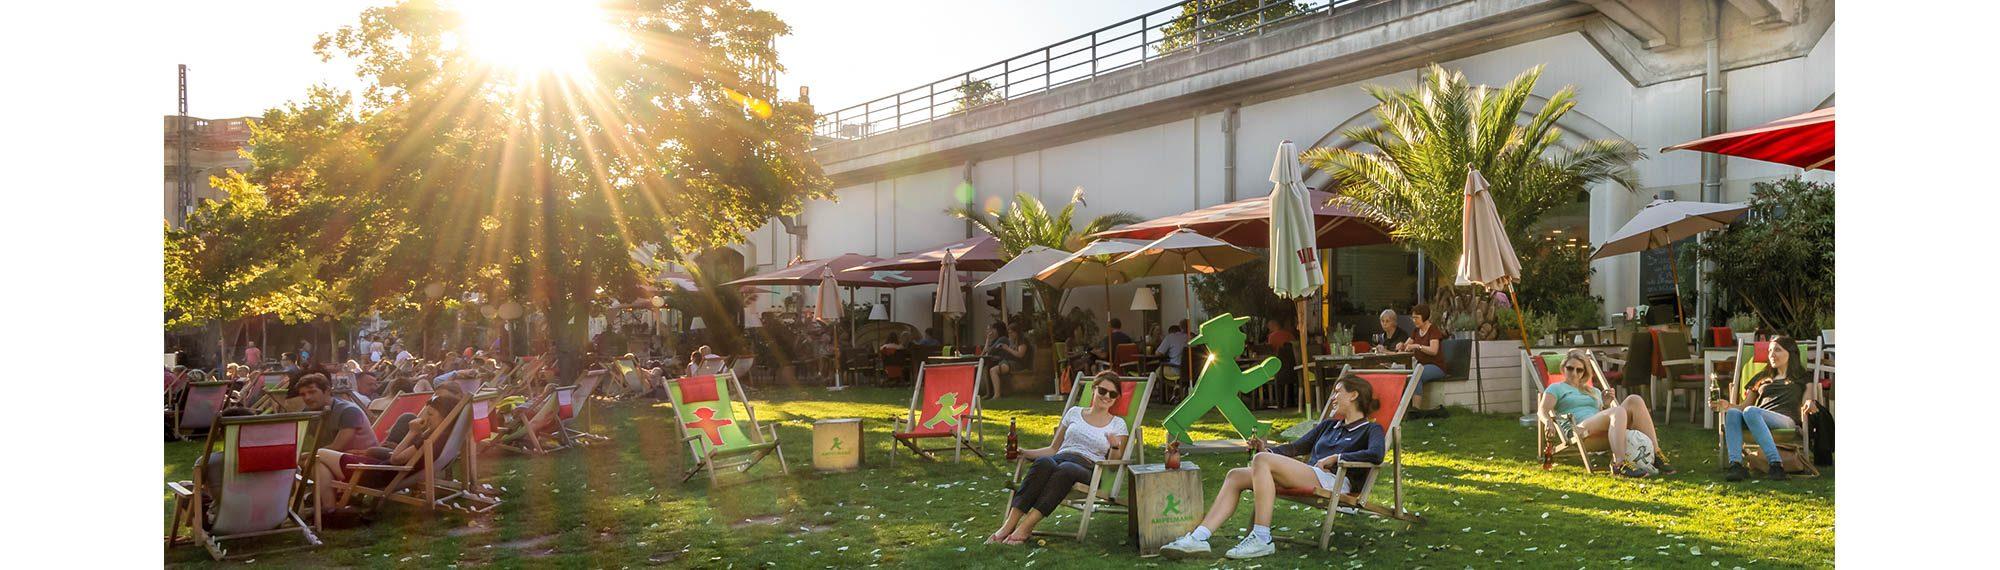 AMPELMANN Strandbar und Restaurant in Berlin Mitte